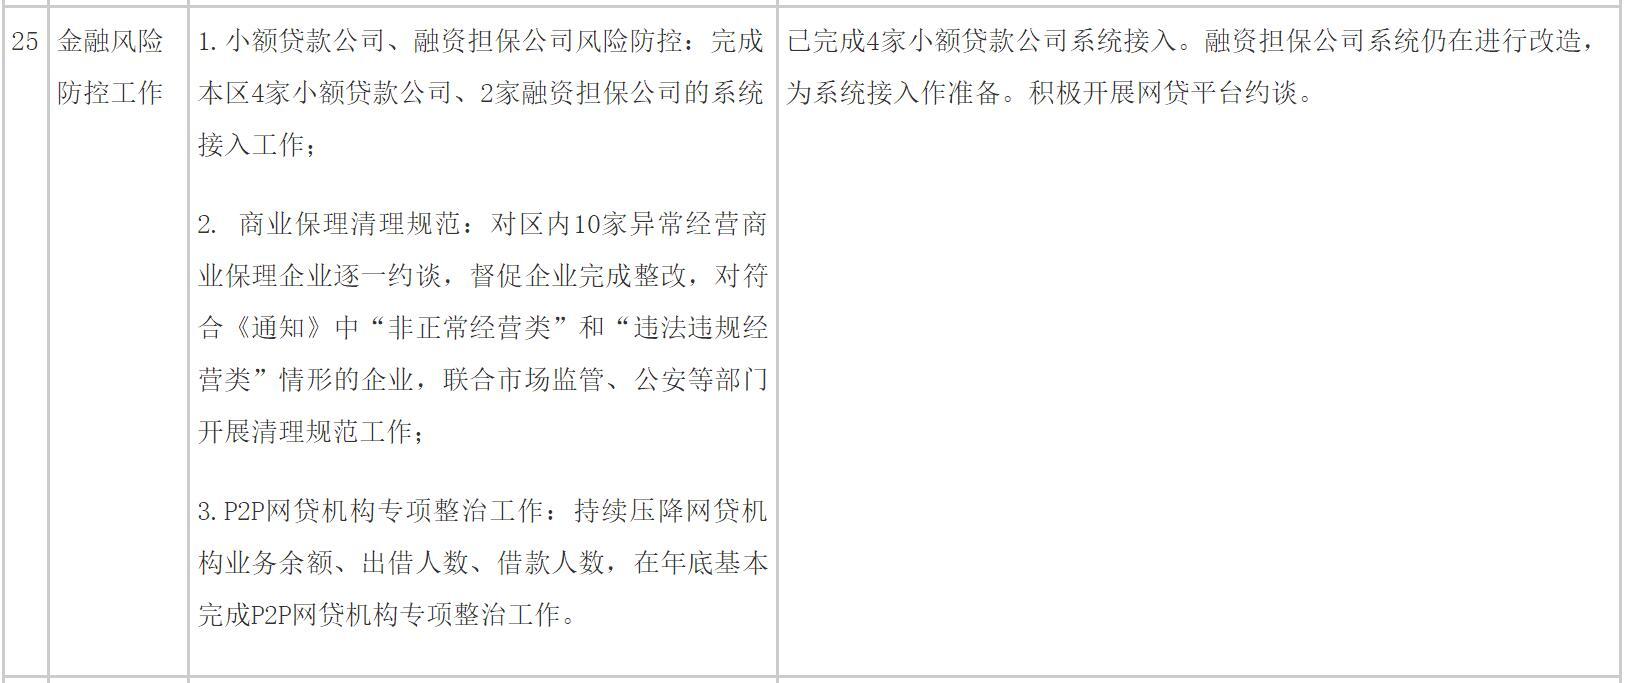 北京顺义区计划年底前基本完成P2P整治:正积极开展网贷平台约谈